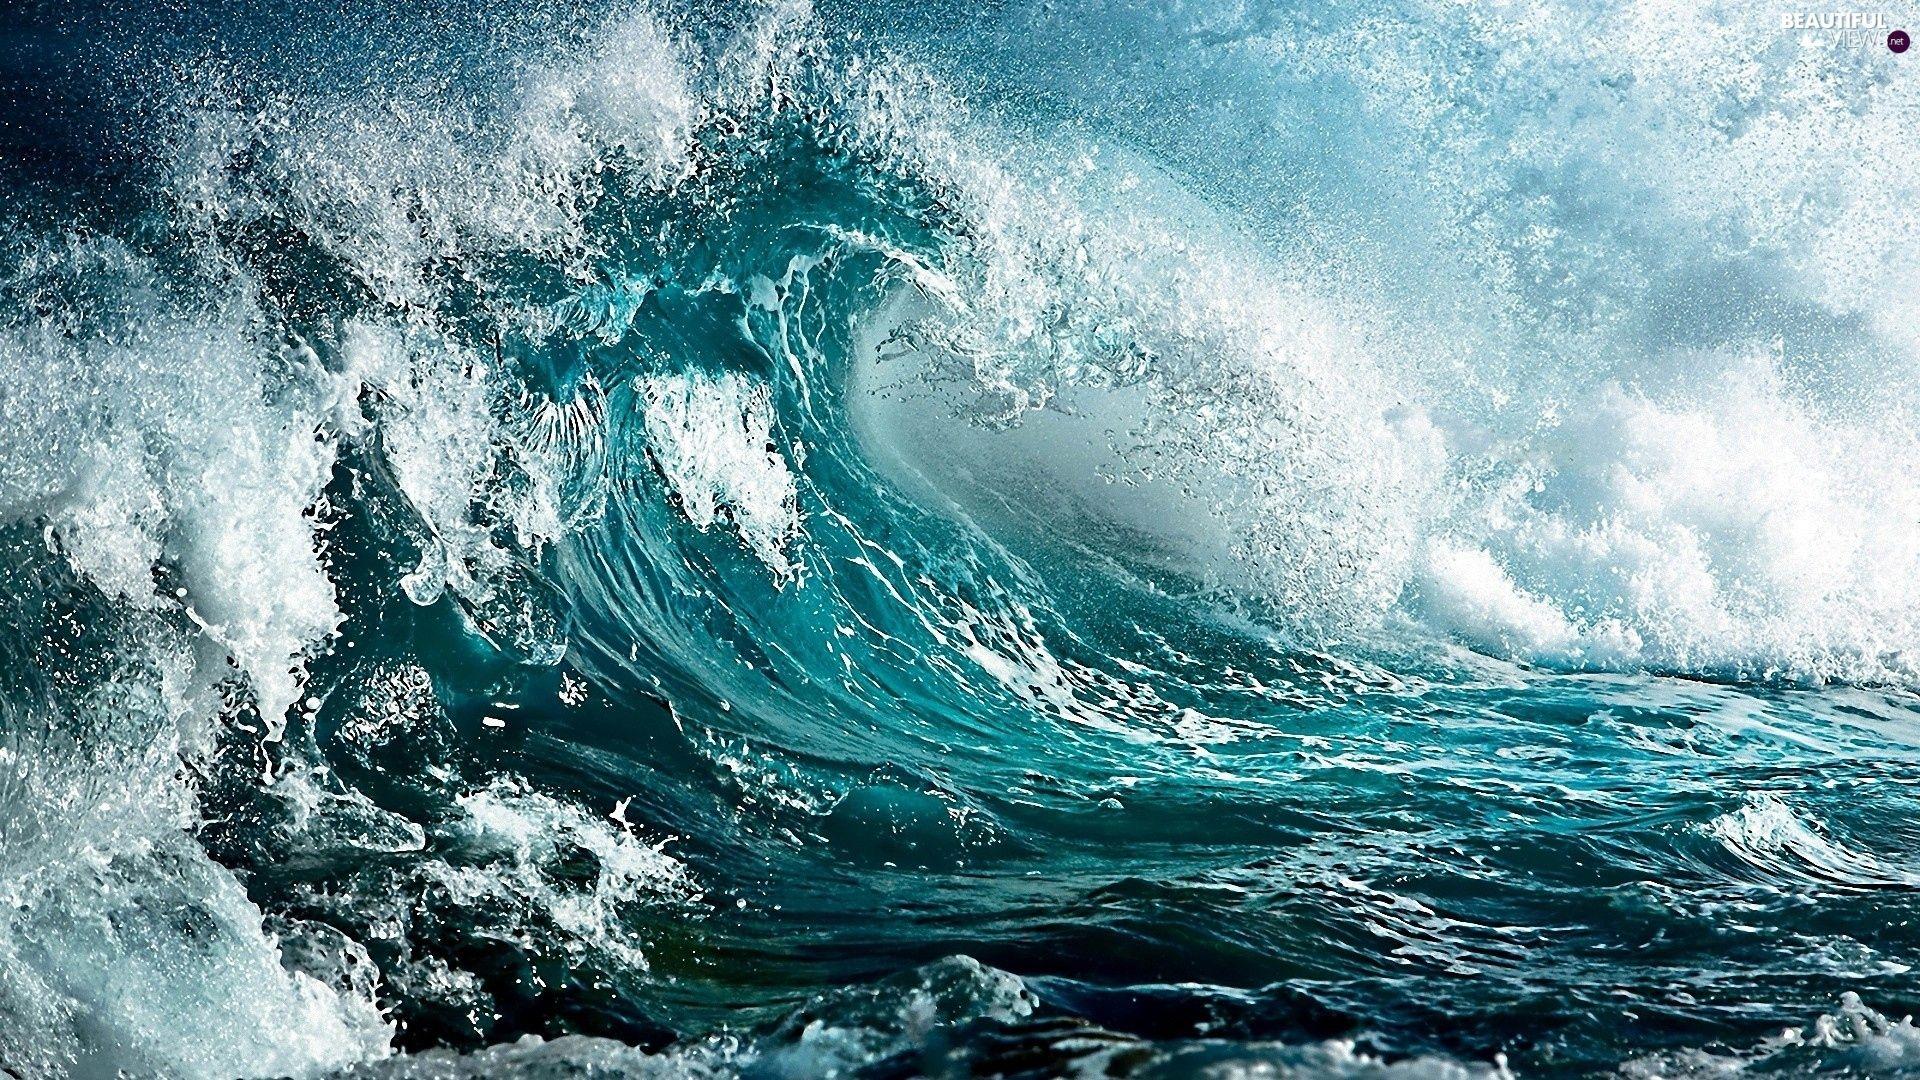 Roaring waves | Waves wallpaper, Ocean waves, Waves